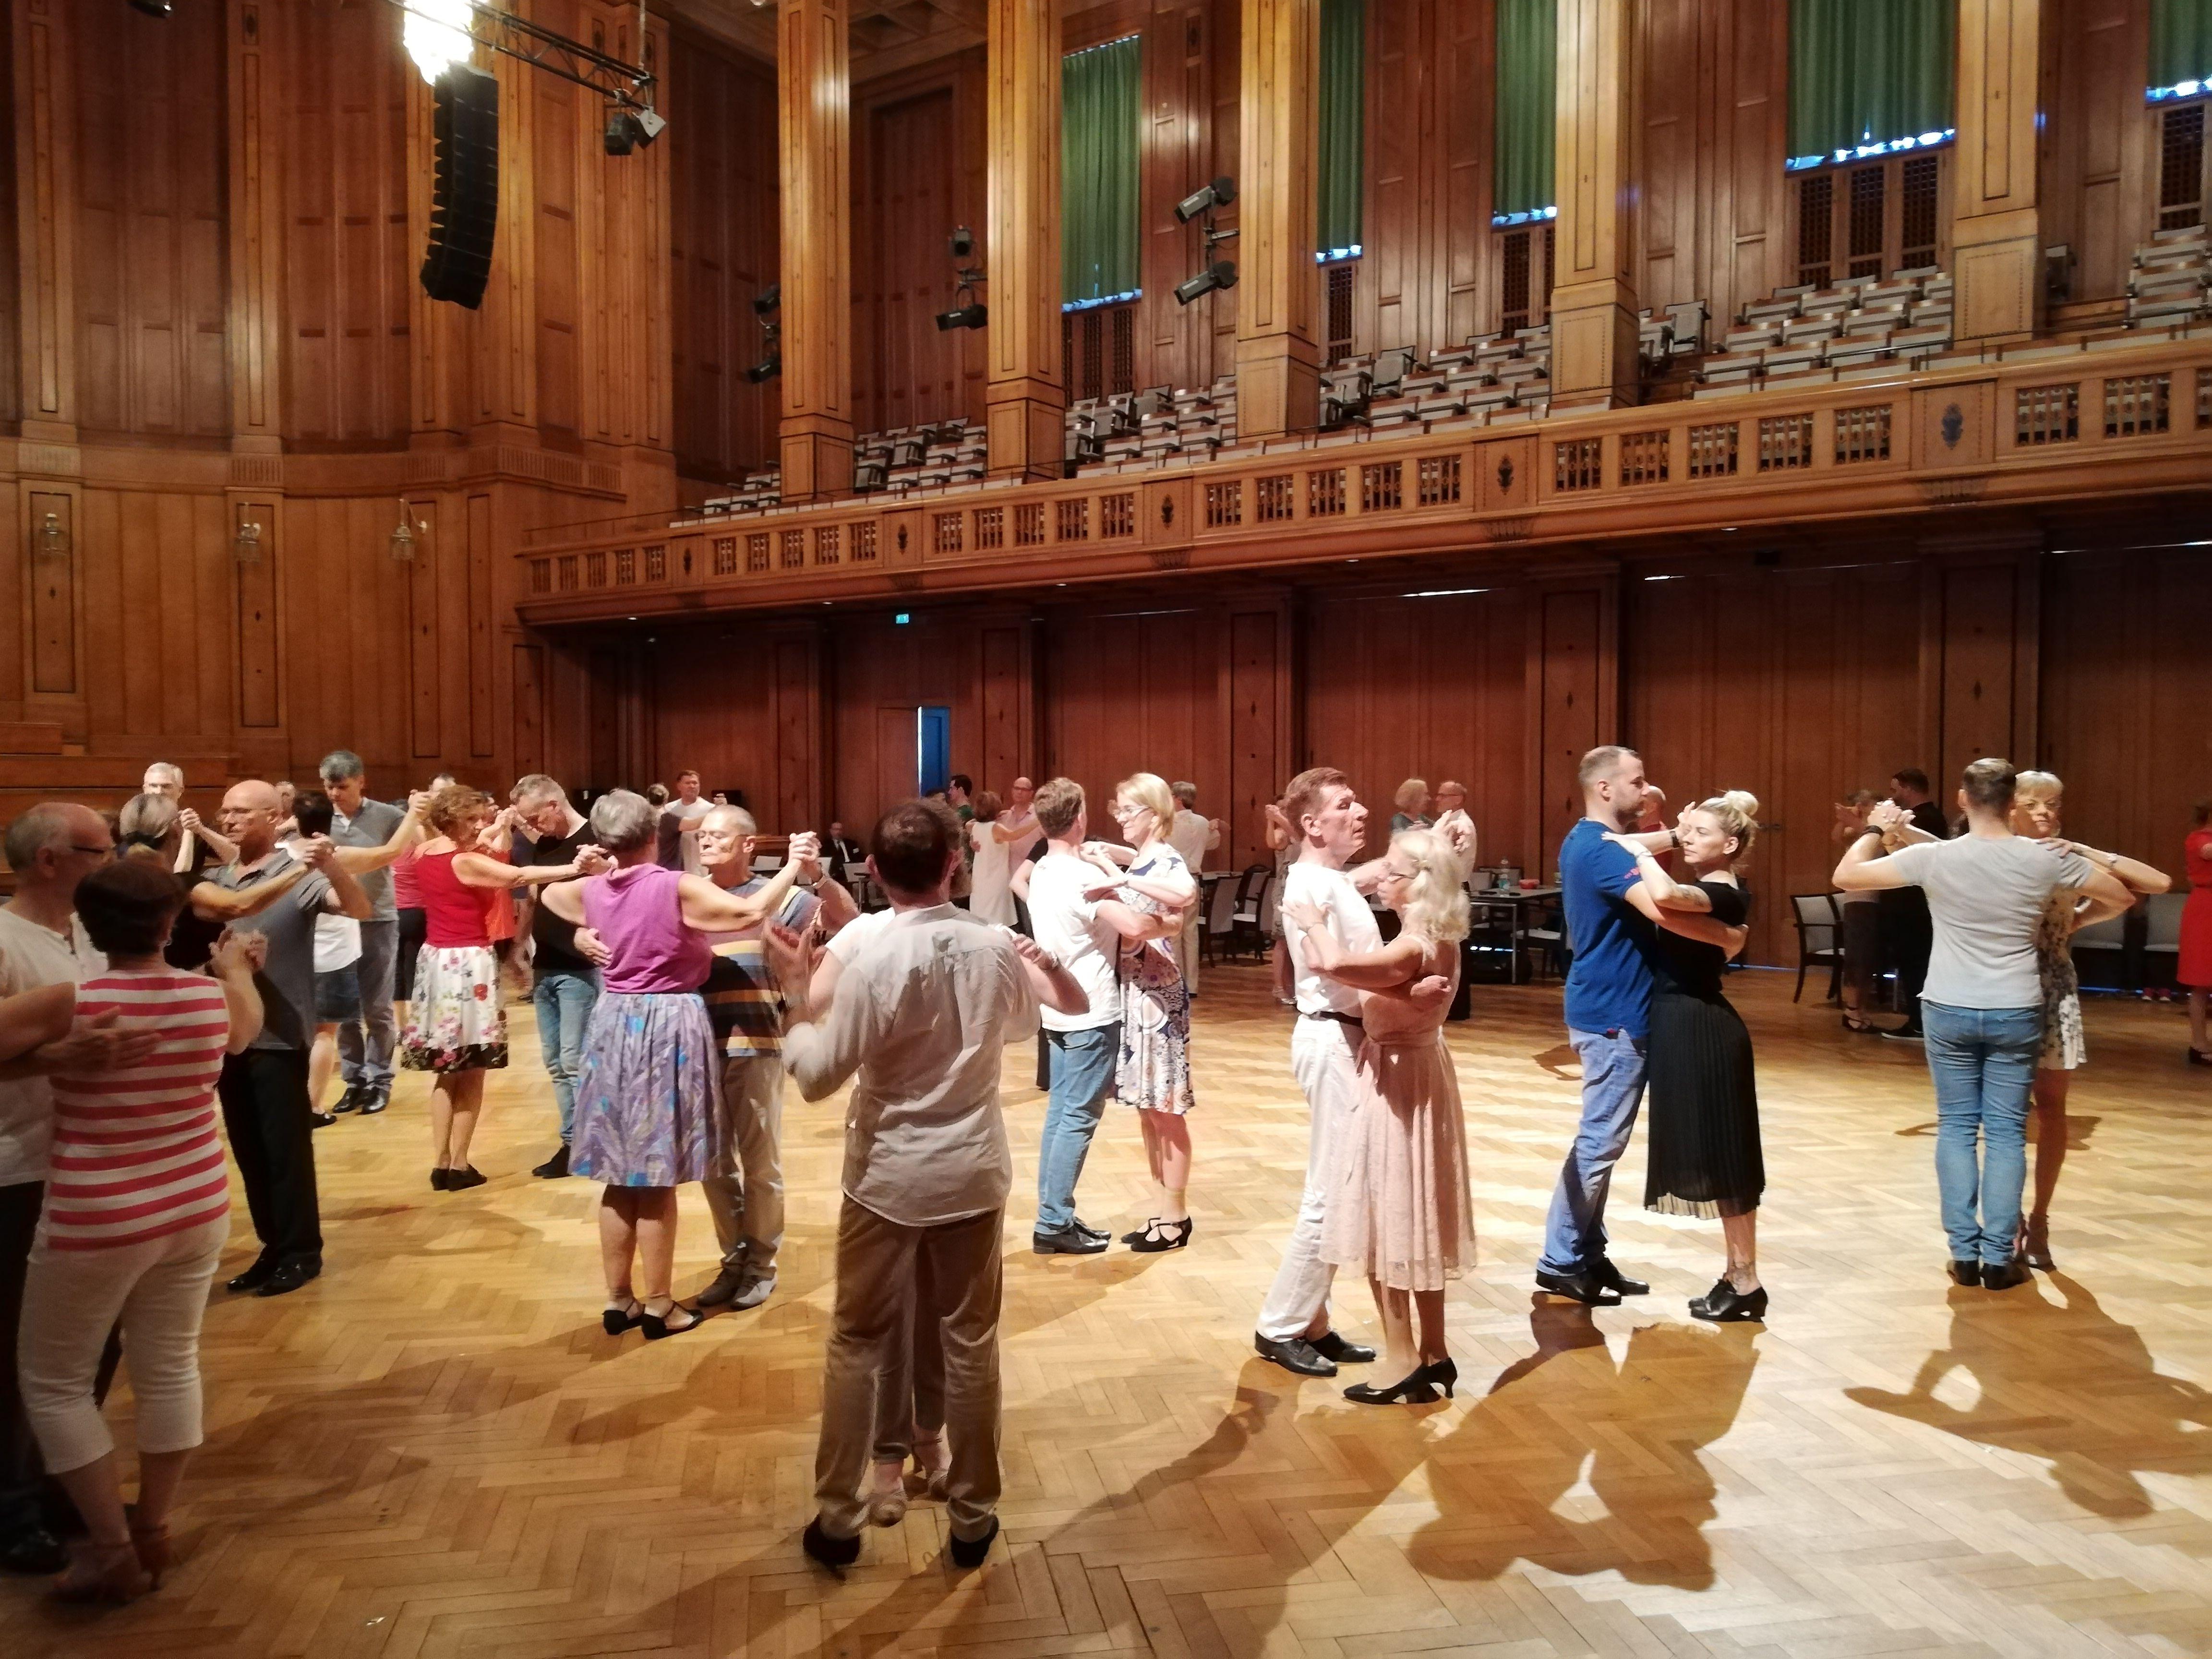 Tanzkurse fur singles in ludwigsburg